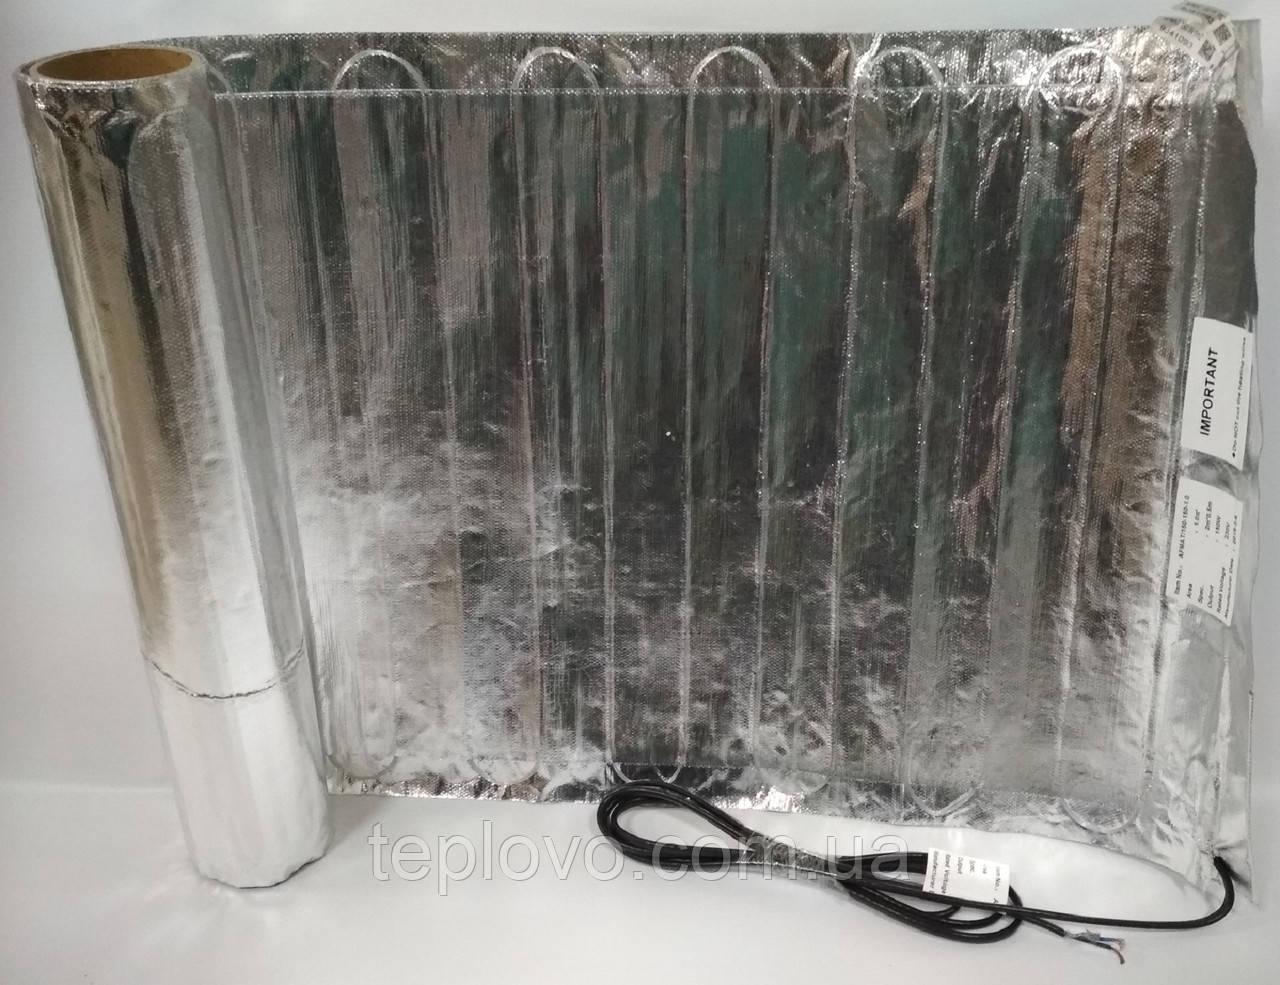 Алюминиевый мат IN-THERM AFMAT 2,0 м2 (300 Вт), теплый пол под ламинат